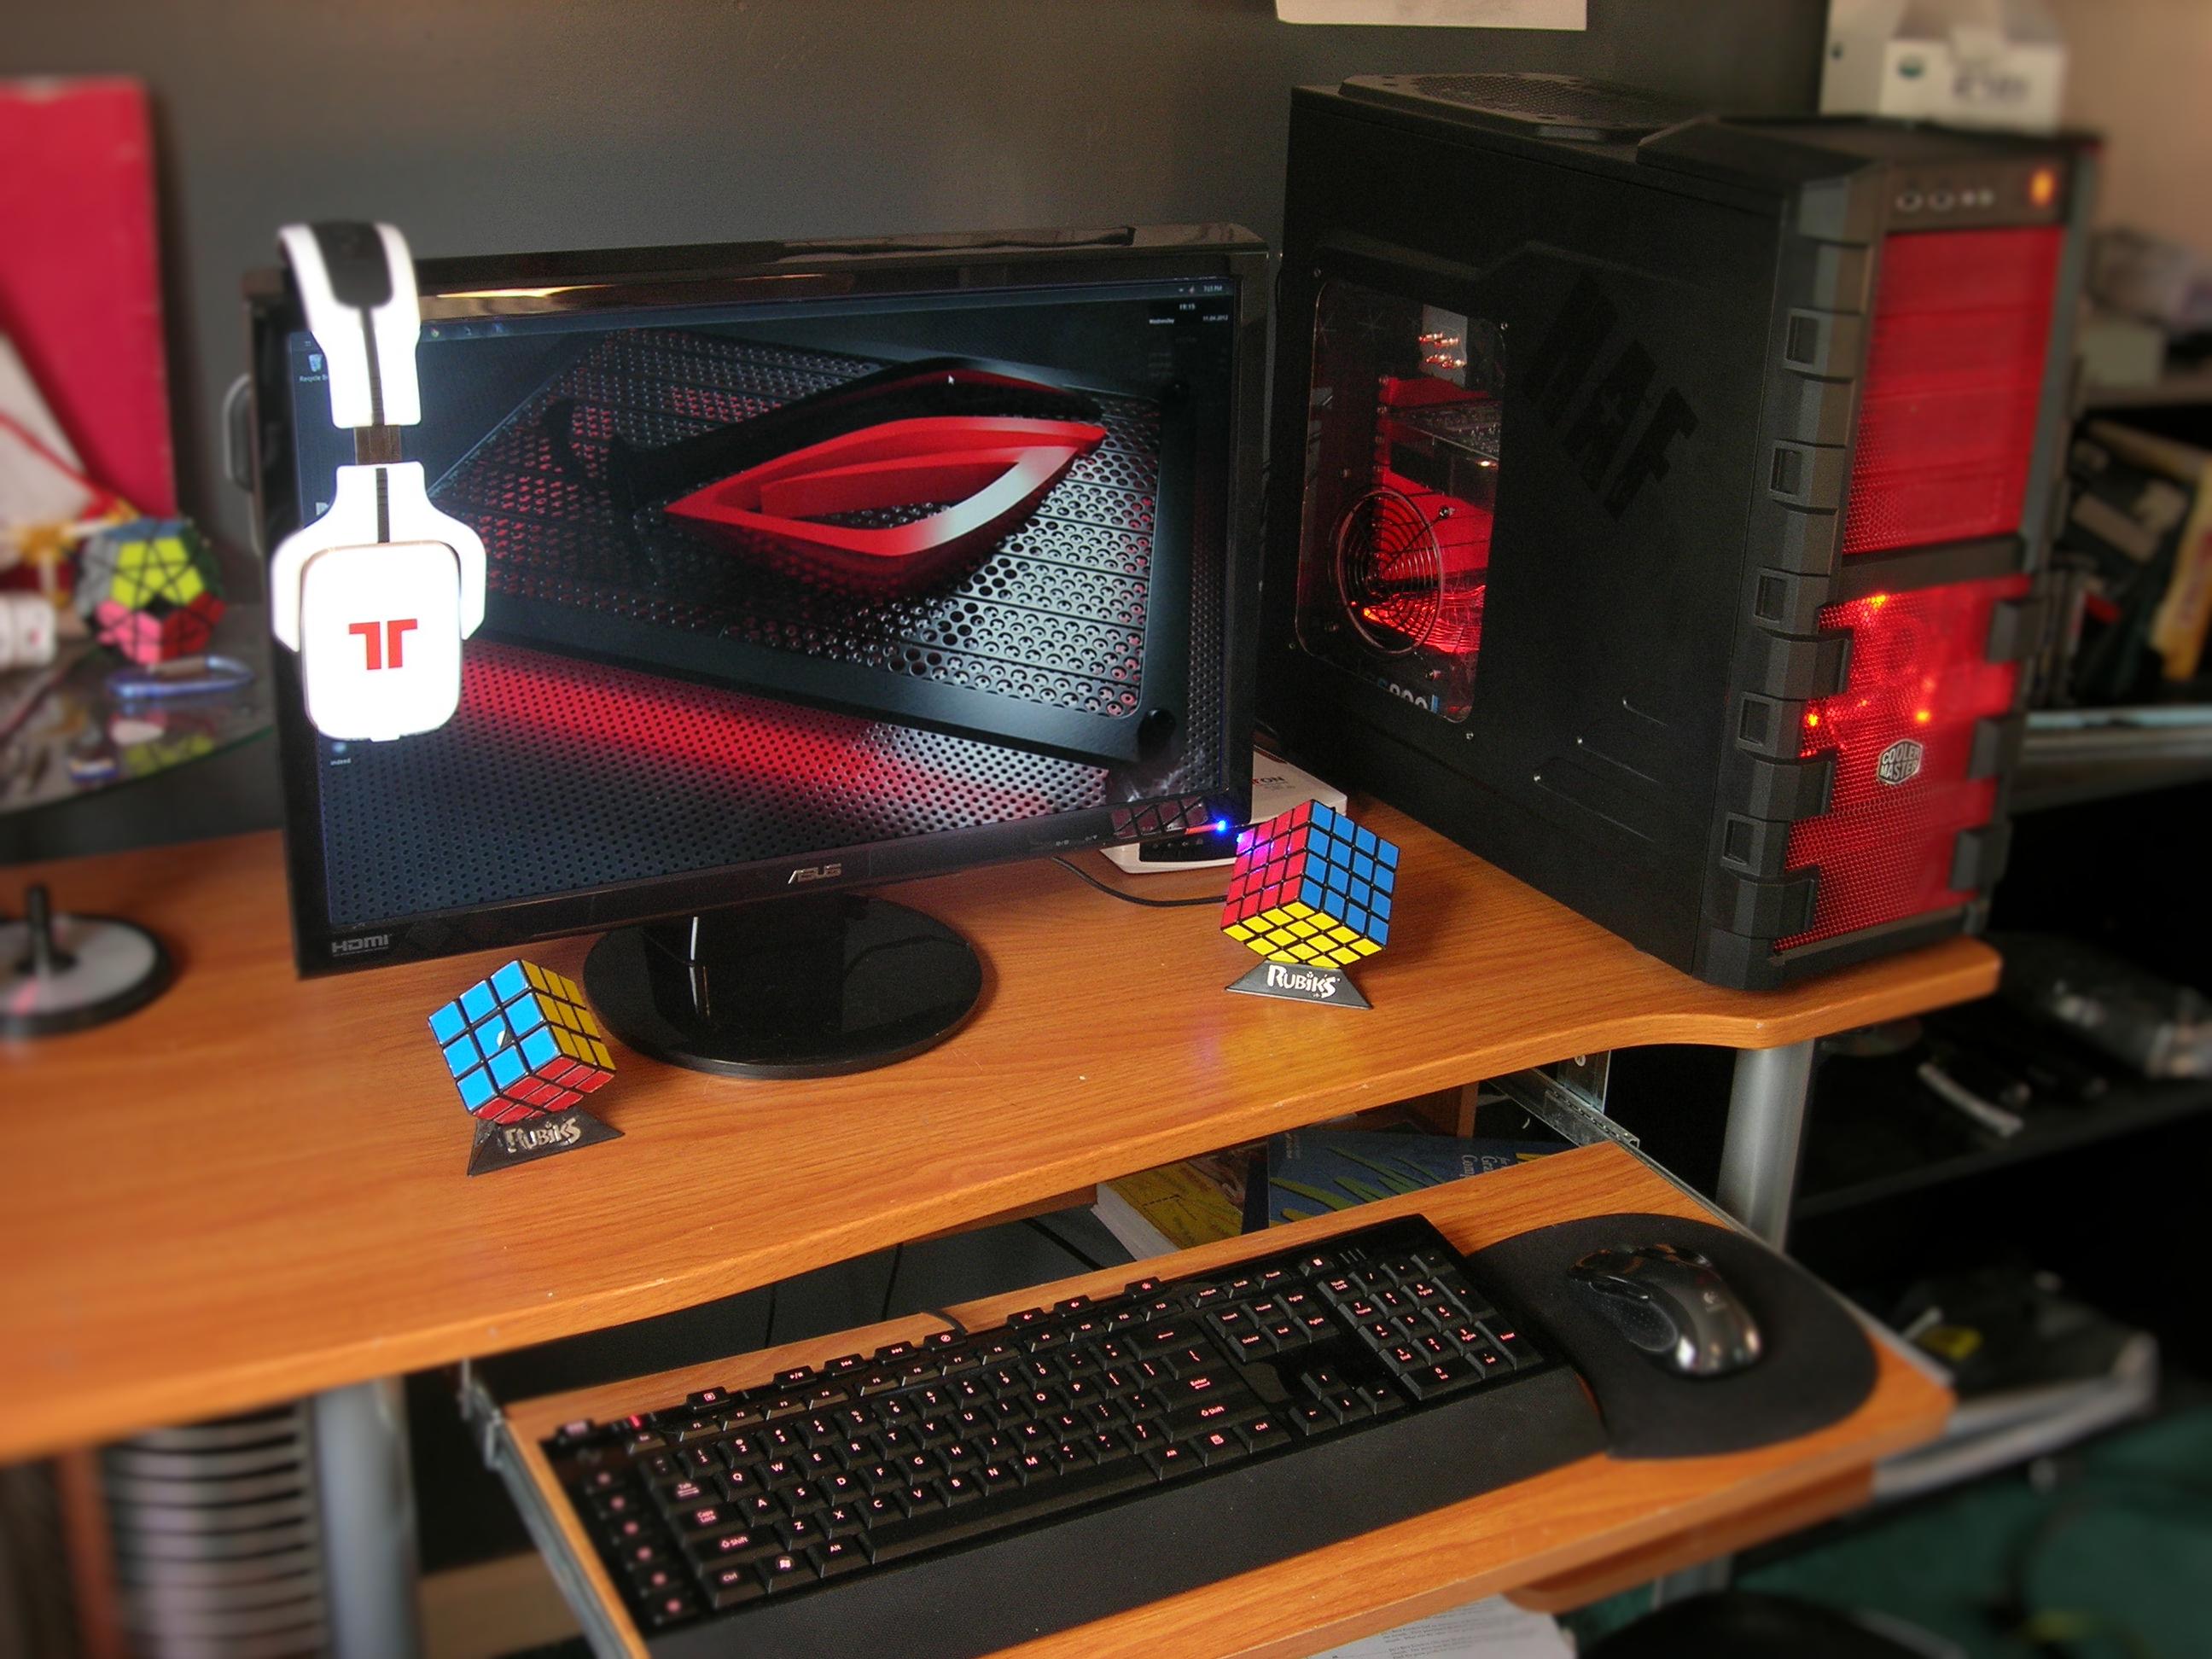 My gaming rig.